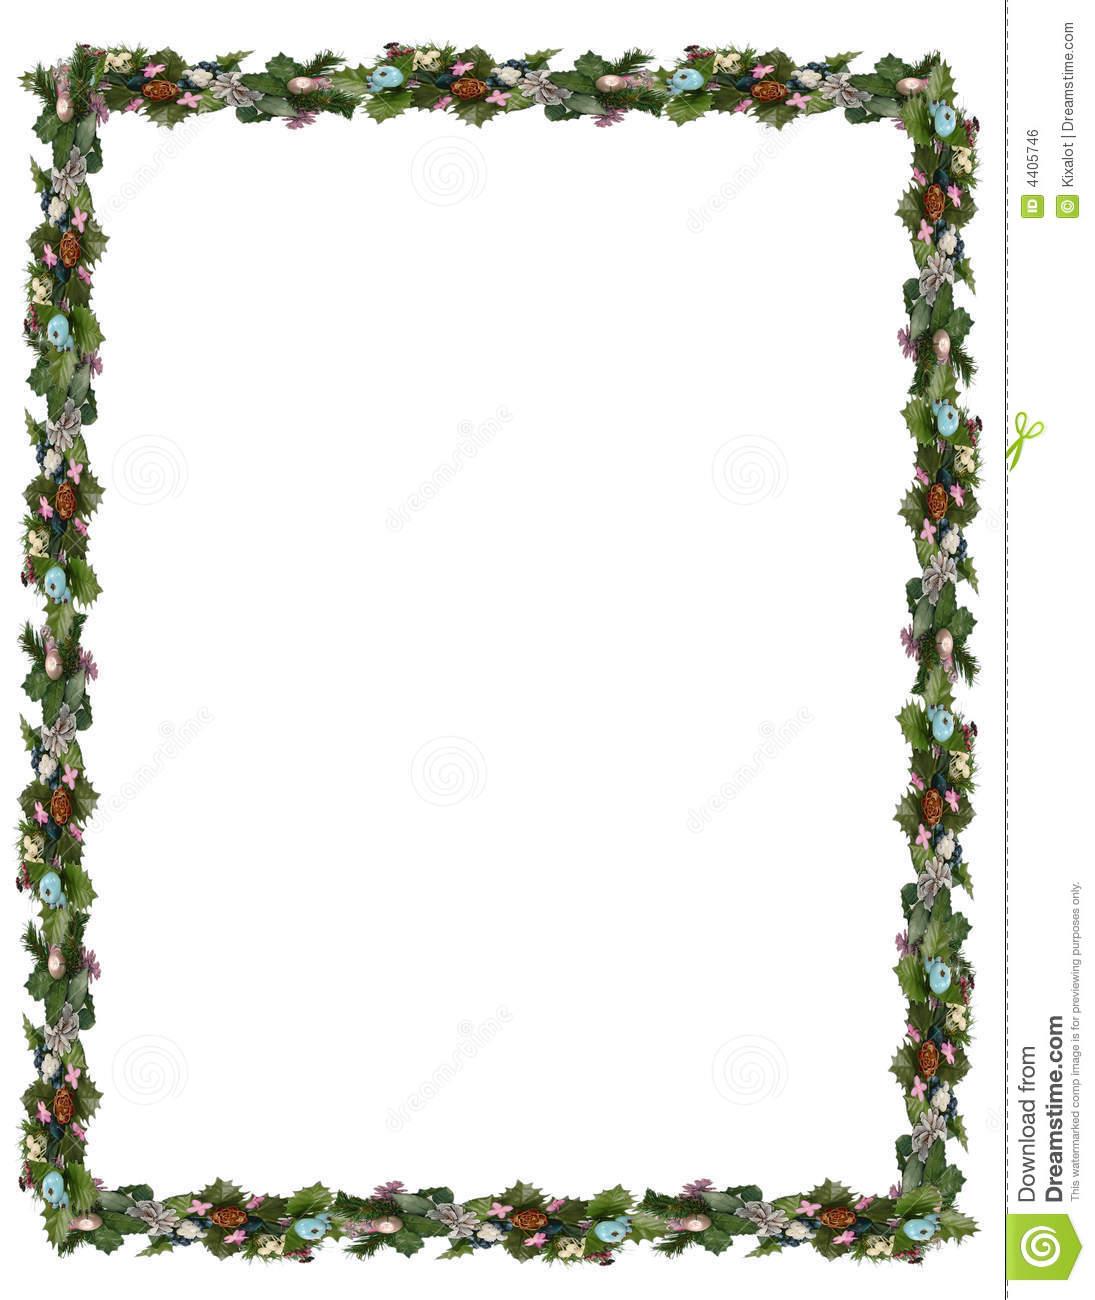 borders for word documents free romeo landinez co rh romeo landinez co